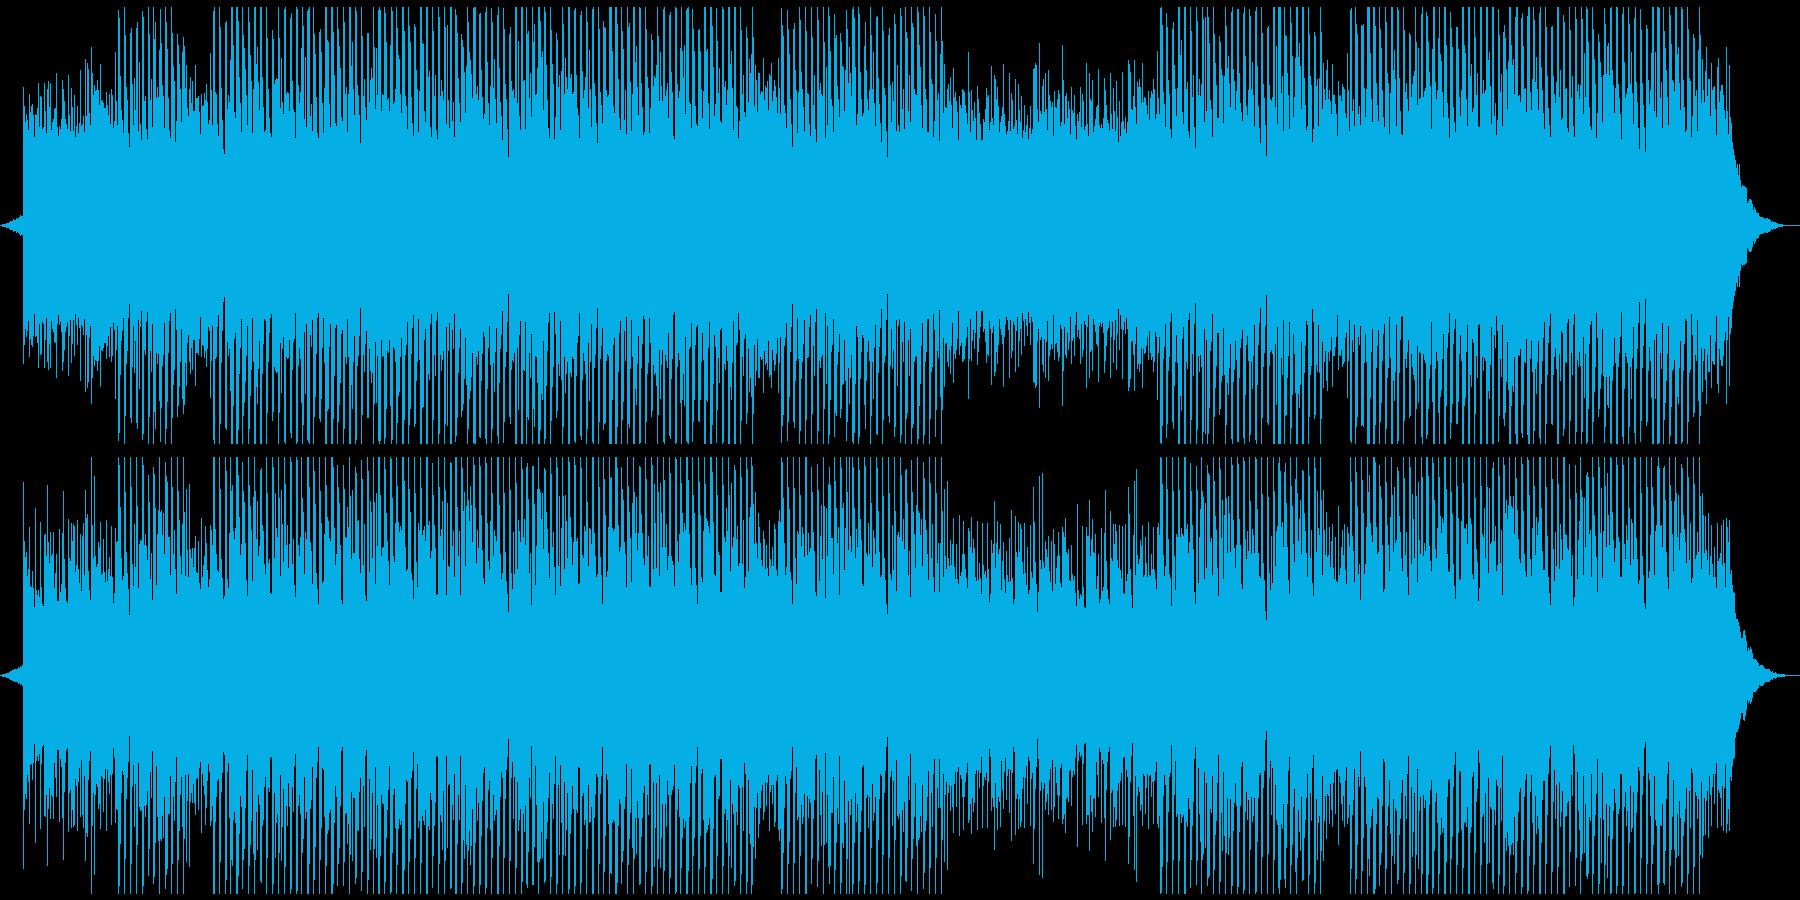 感動、広告、企業音楽の再生済みの波形